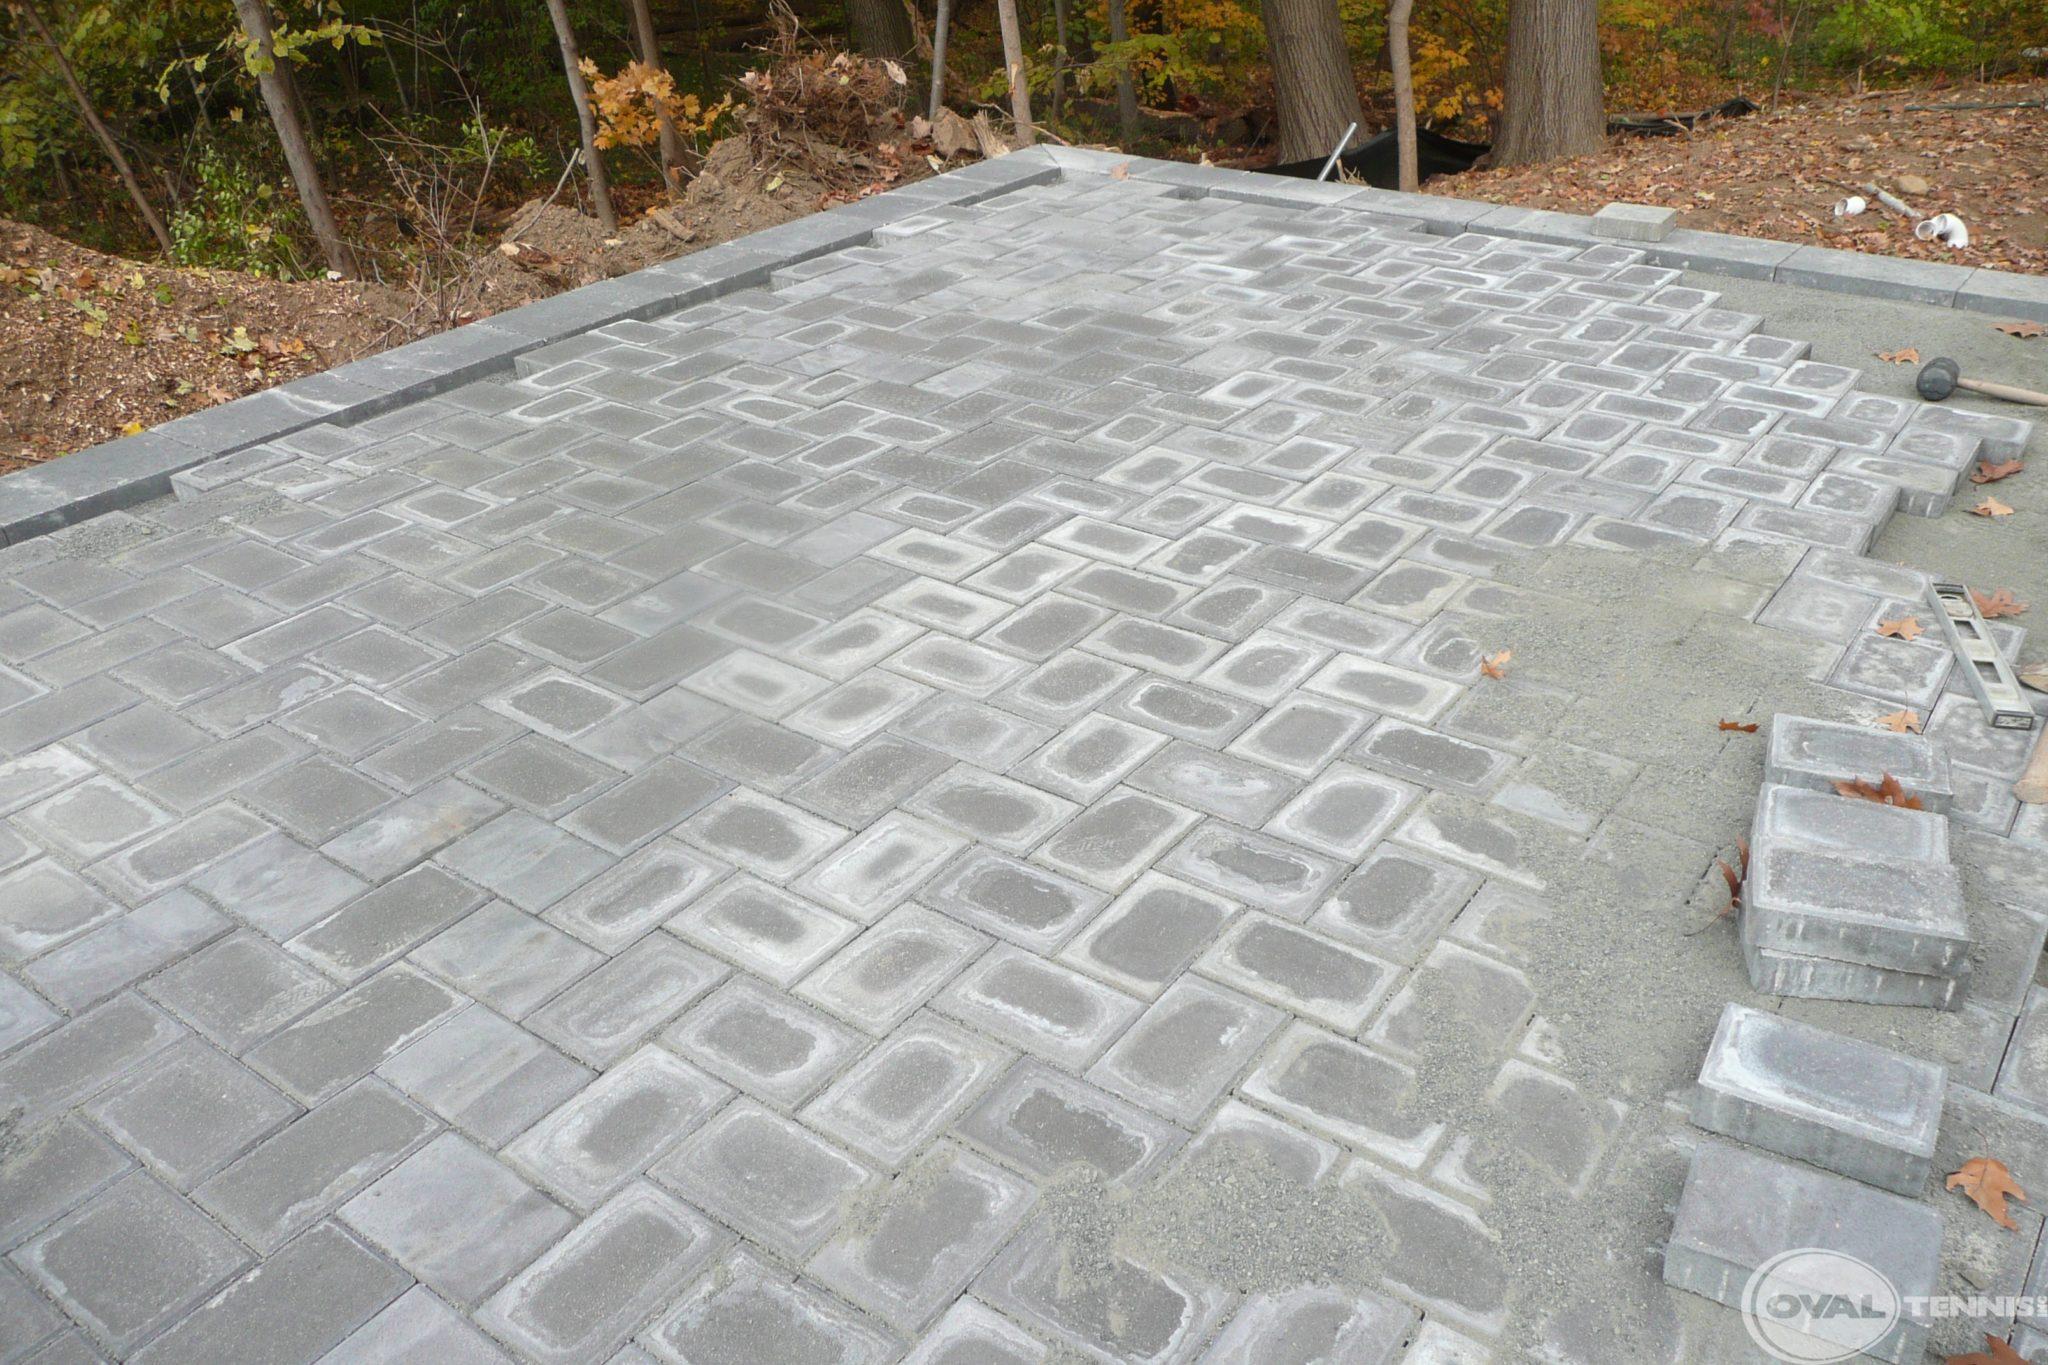 Mesa Patio Construction